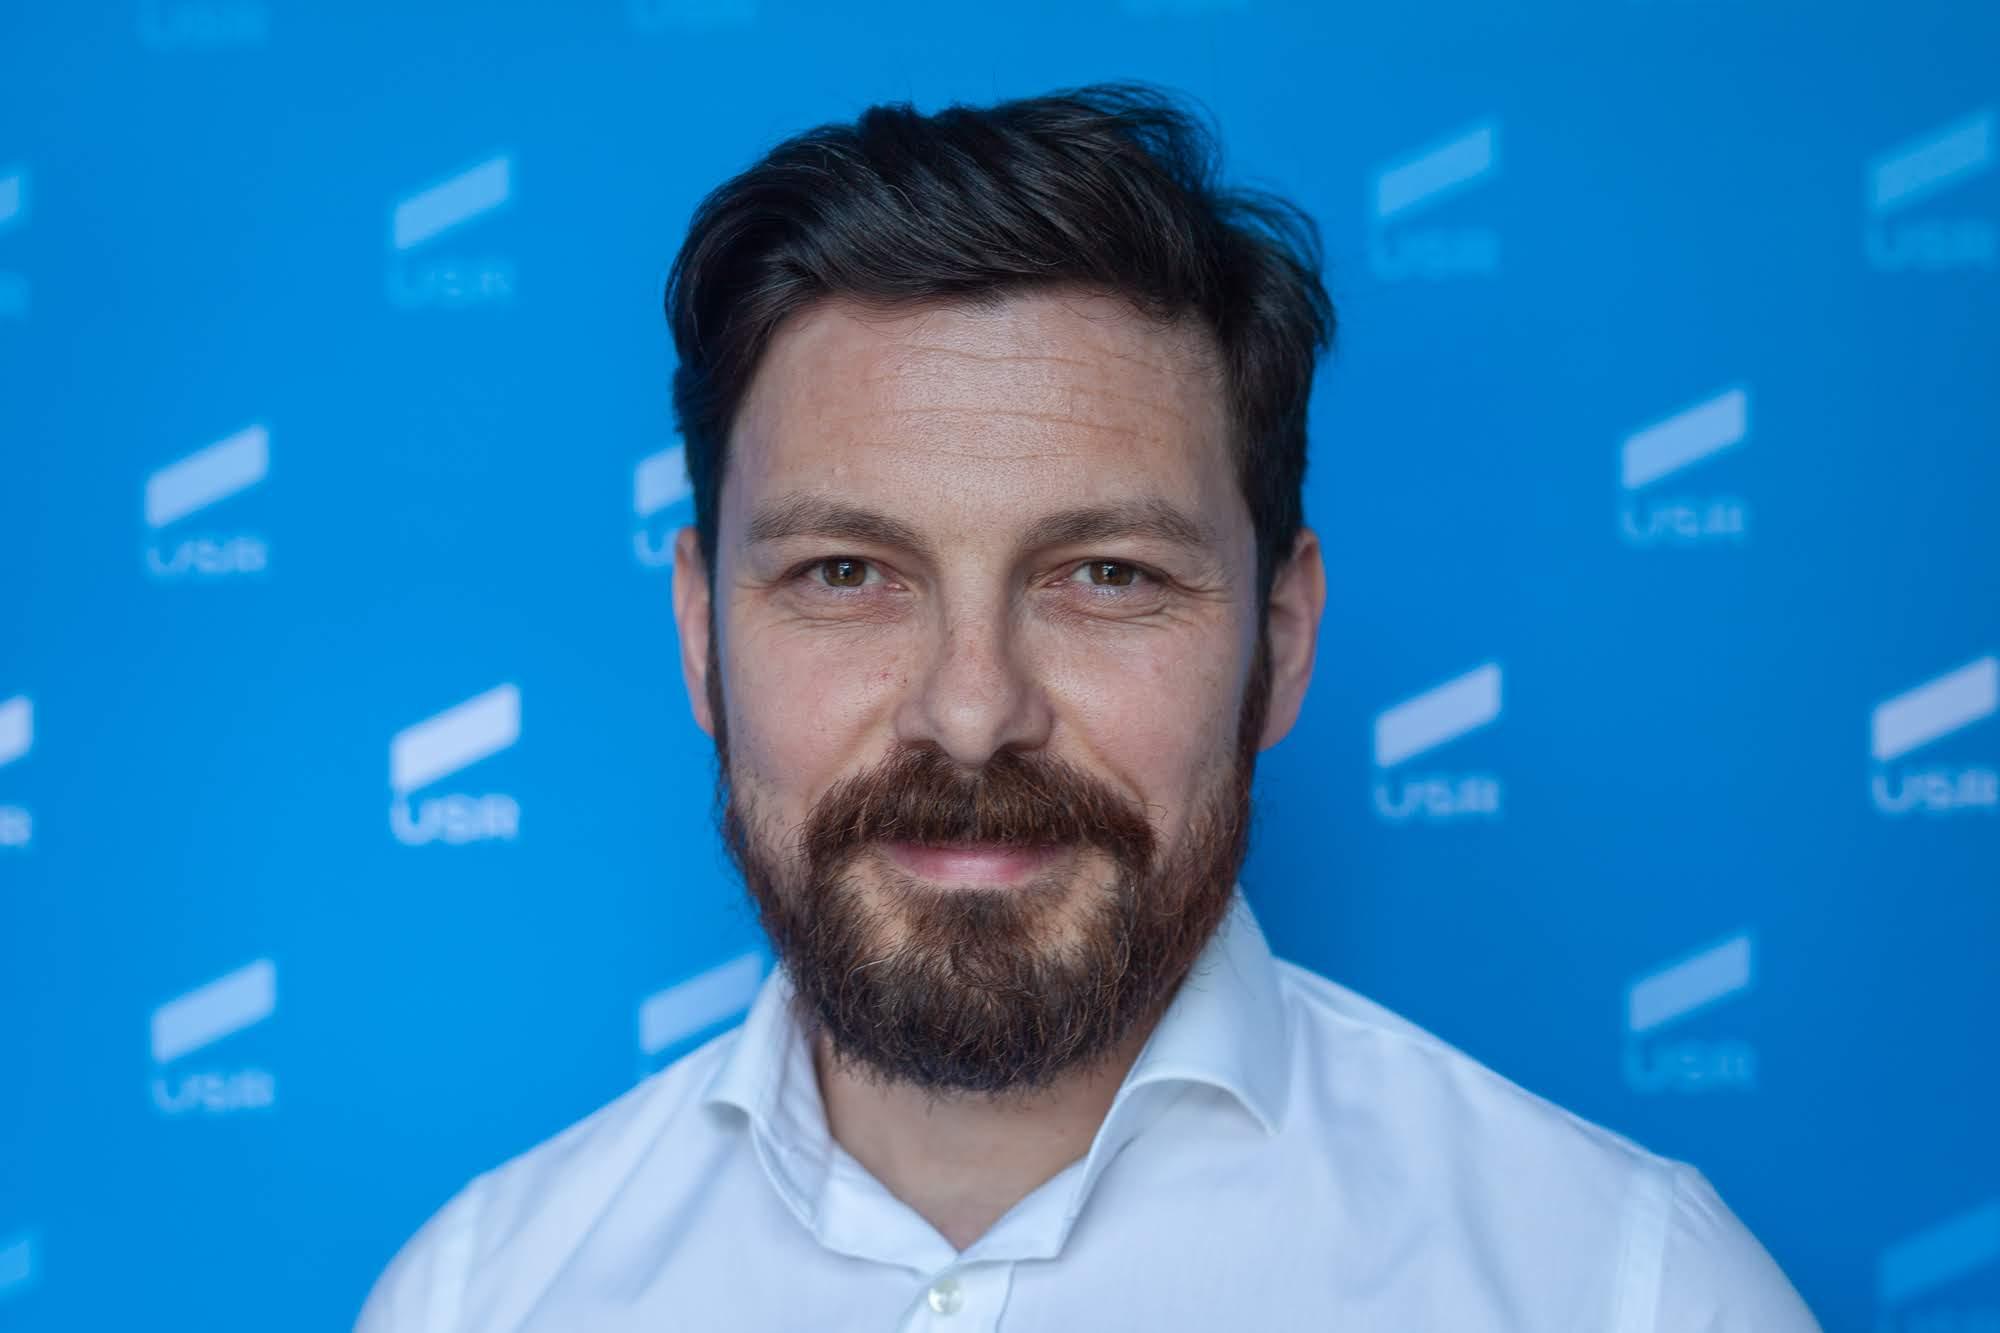 Daniel Burcut